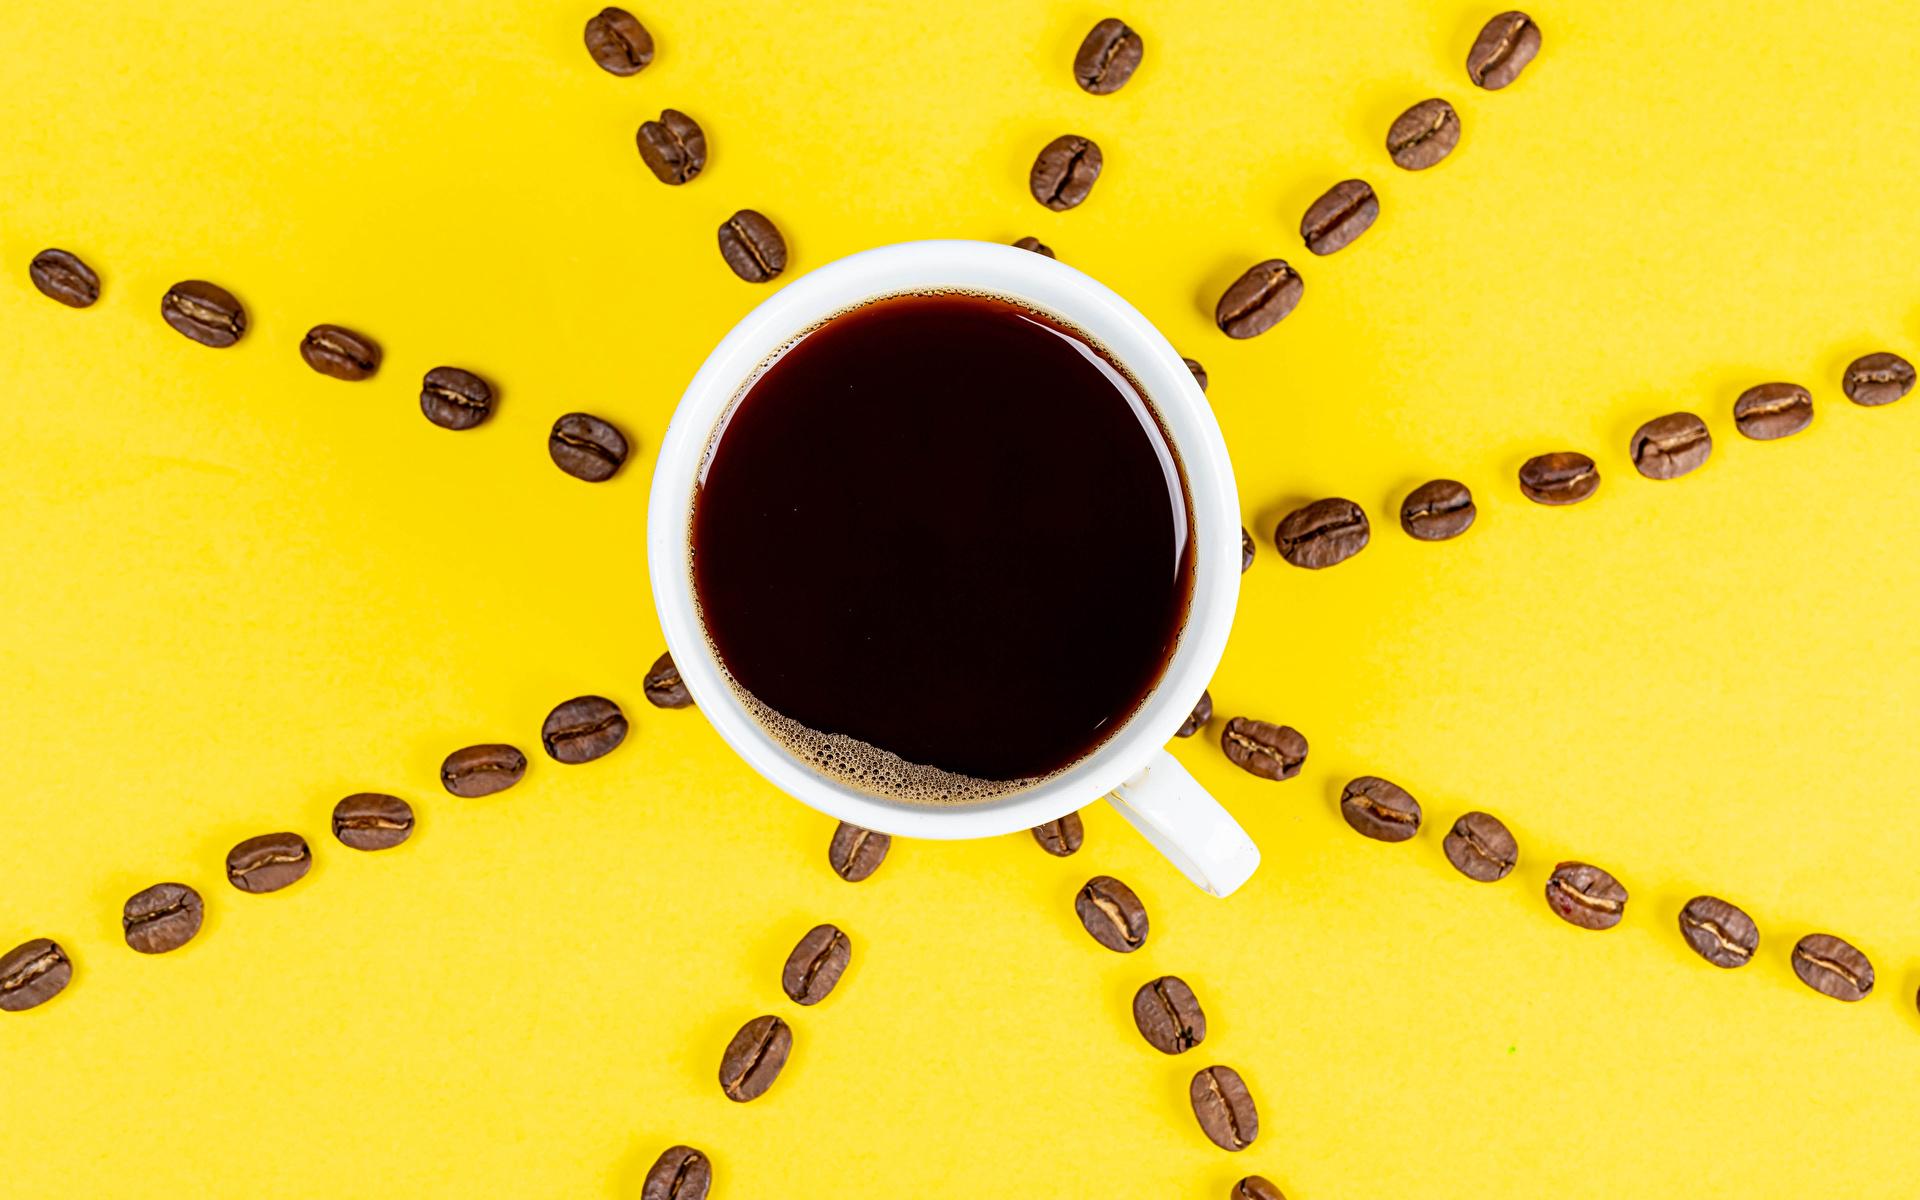 Картинка Кофе Зерна чашке Сверху Продукты питания Цветной фон 1920x1200 зерно Еда Пища Чашка